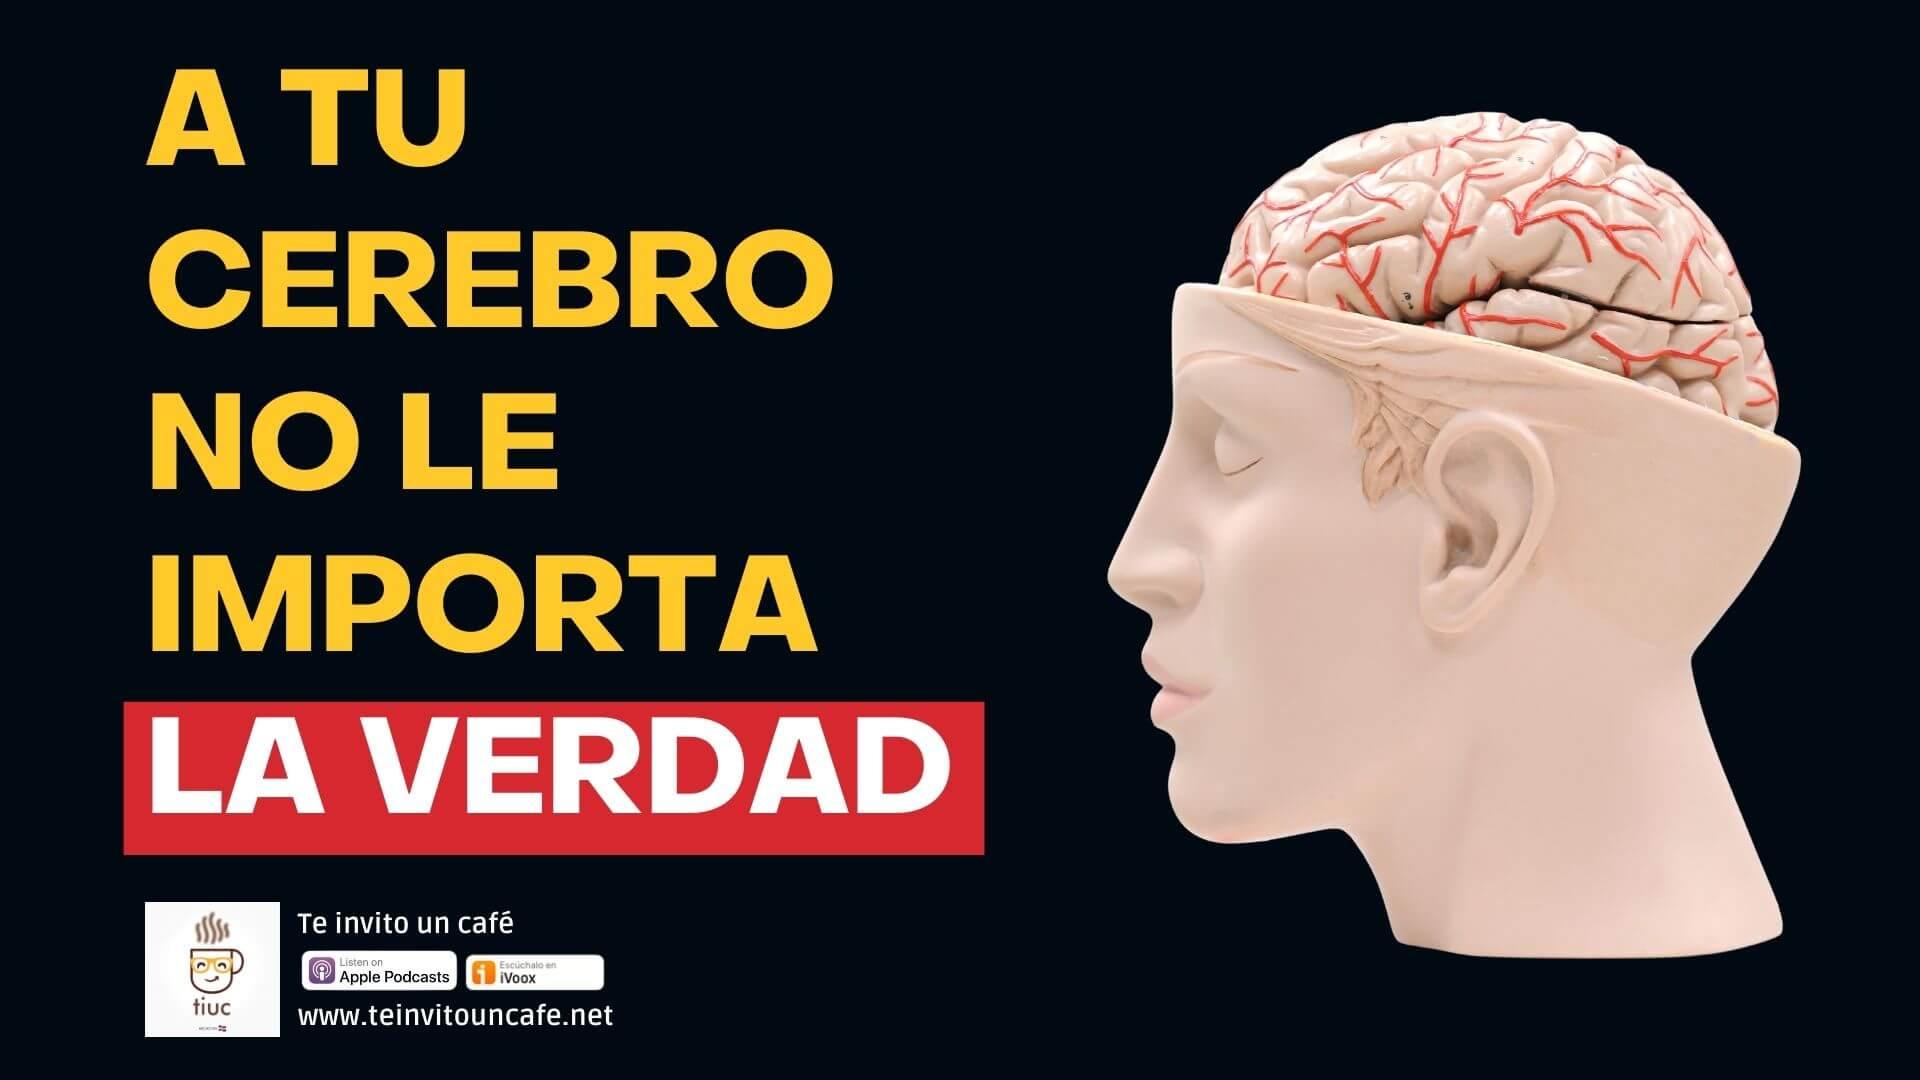 Al Cerebro NO le Interesa la Verdad